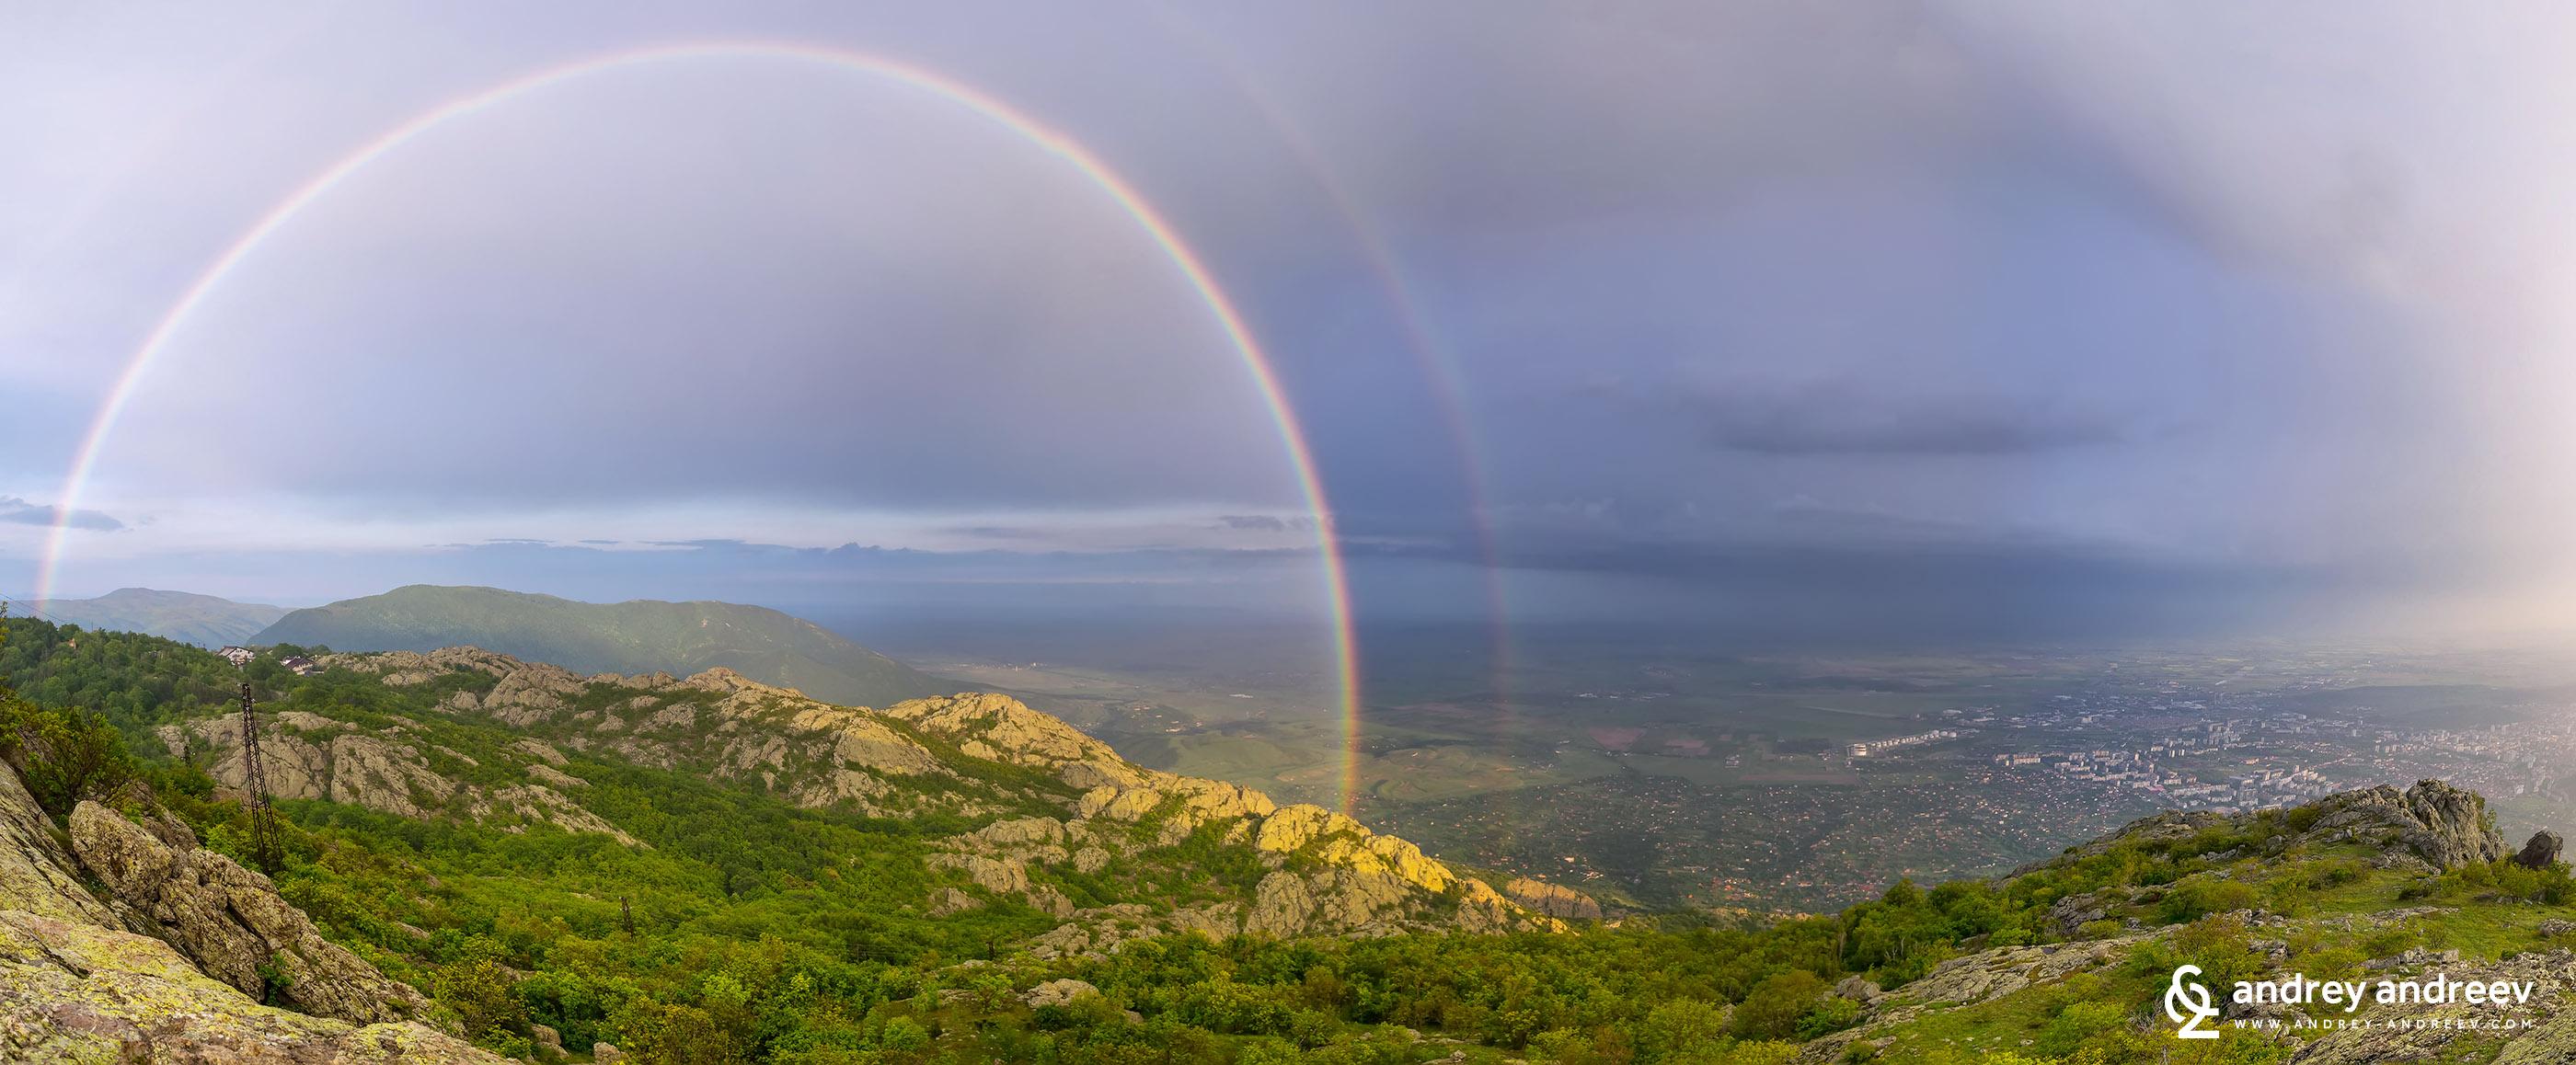 Rainbow above Sliven